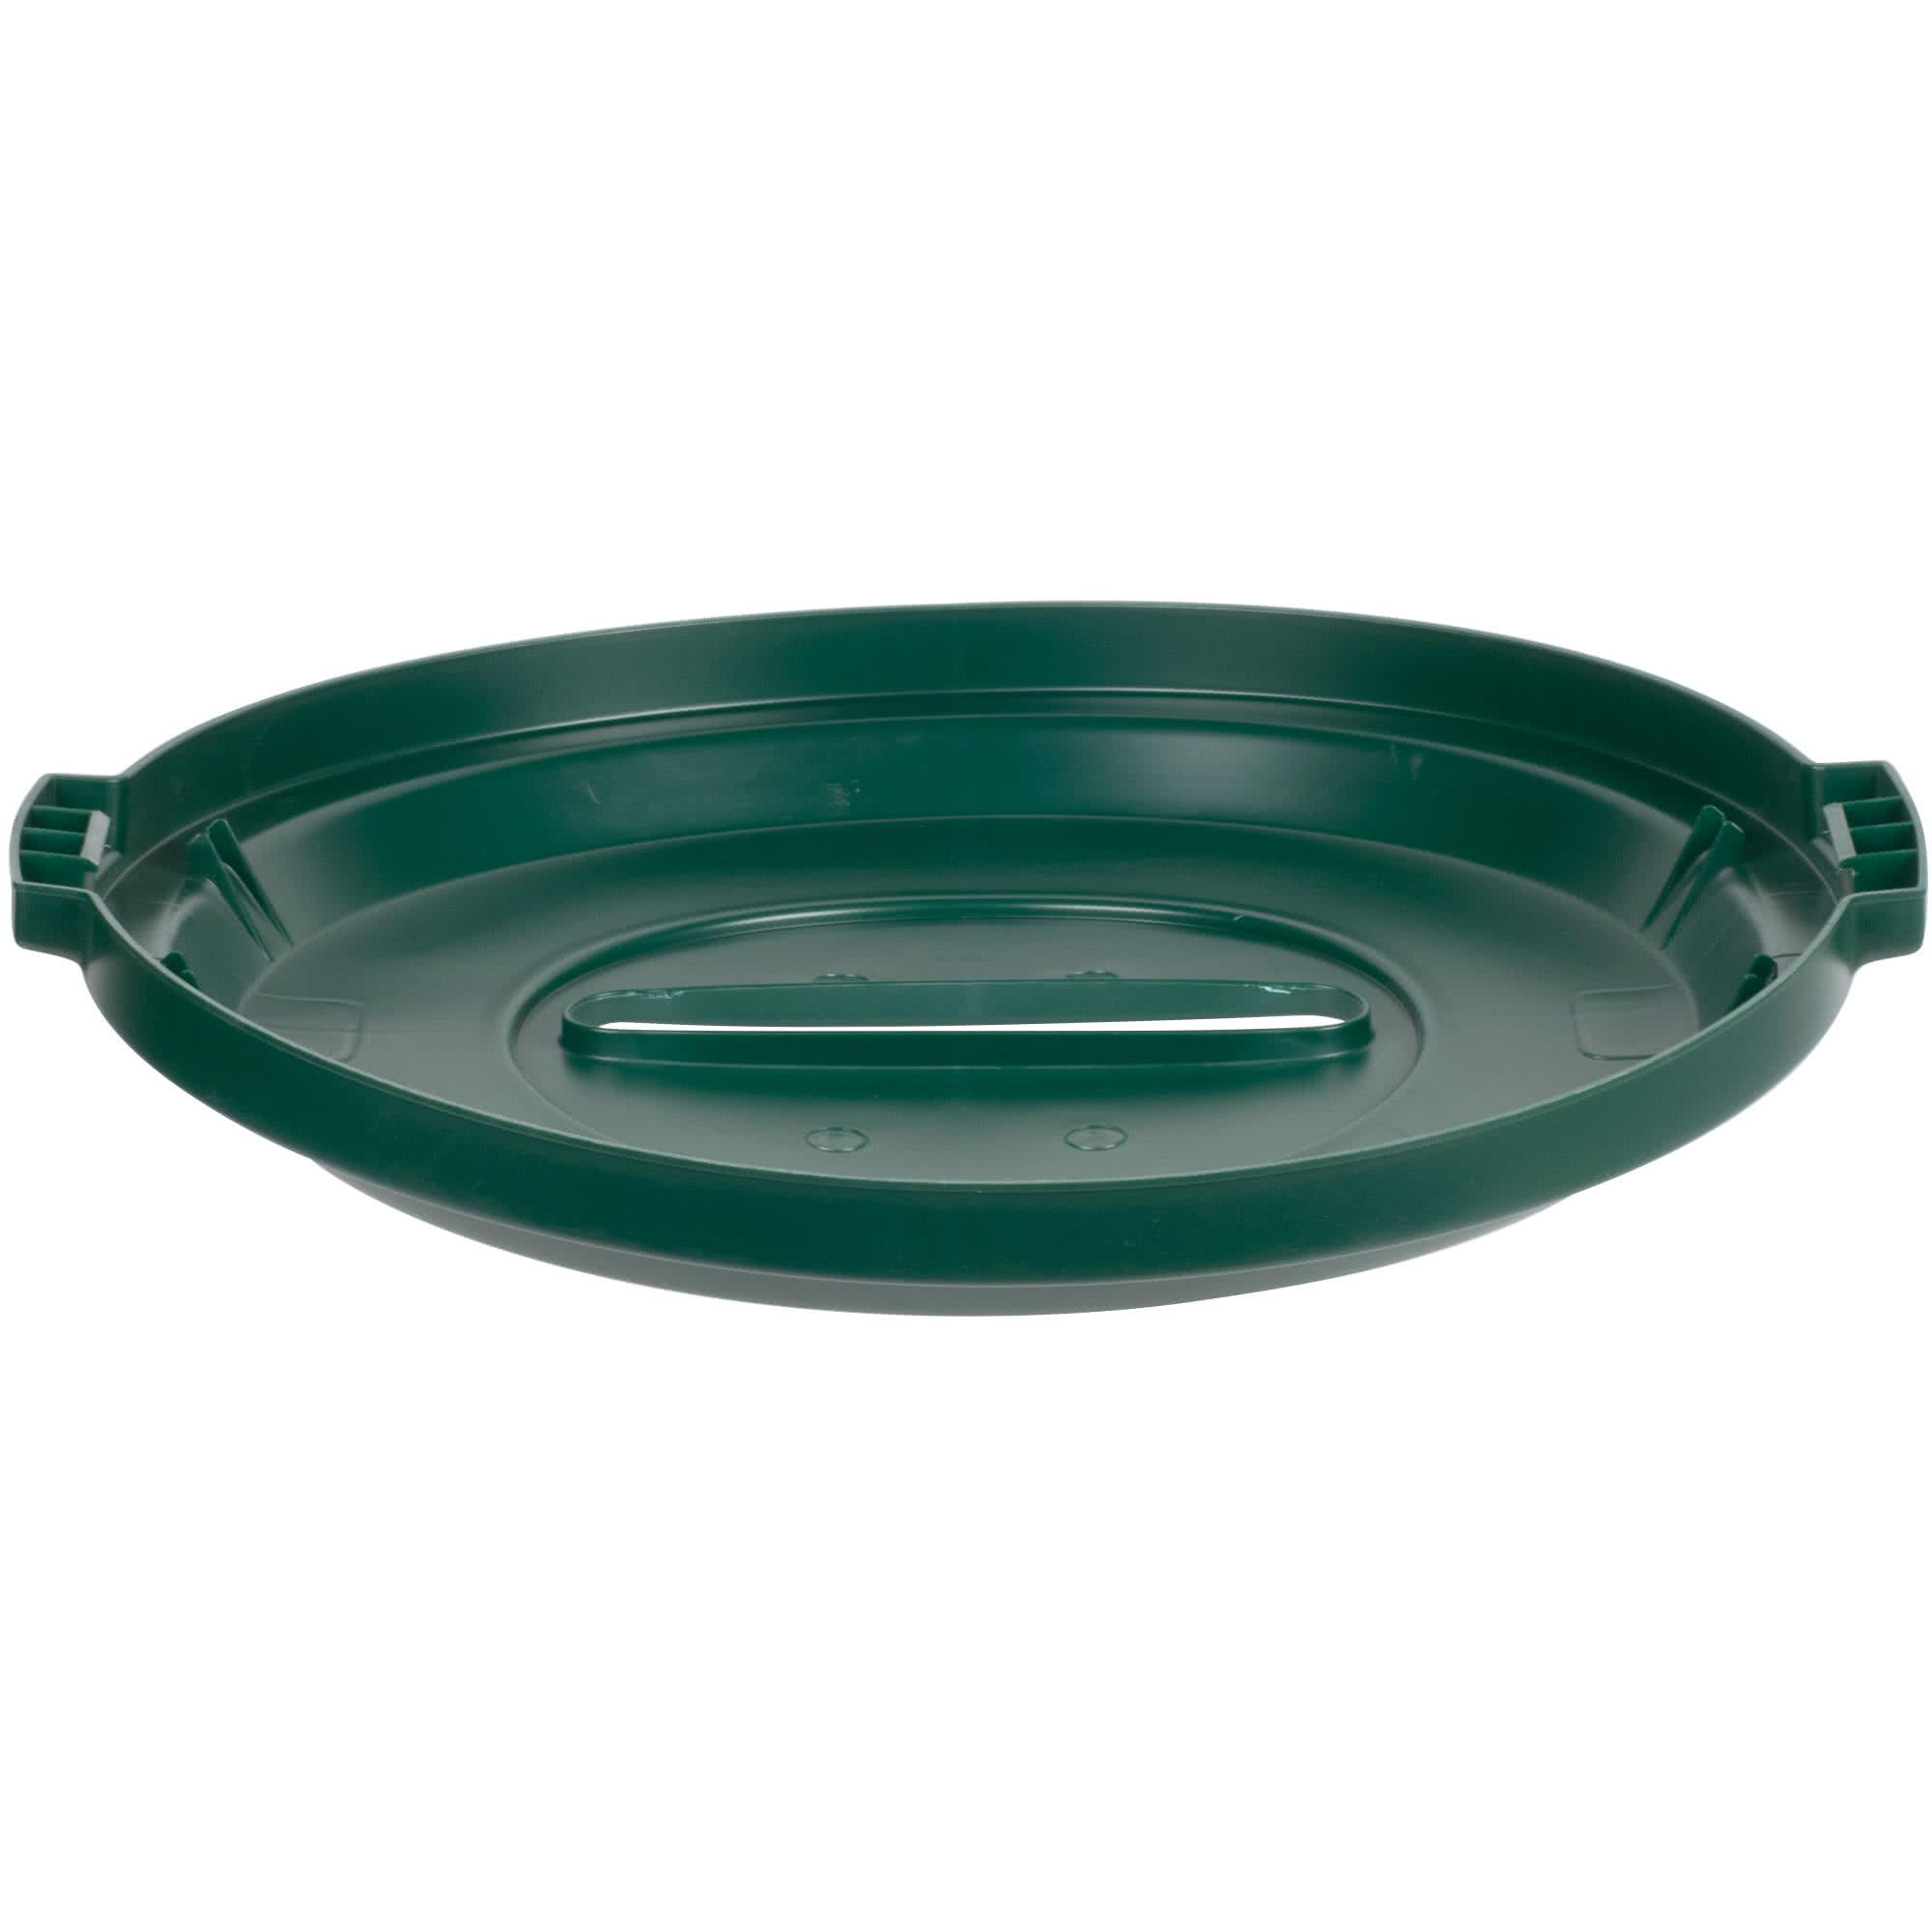 Rubbermaid 1788379 tapa Brute color verde para reciclaje de papel, aplica contenedor Brute de 32 galones      2